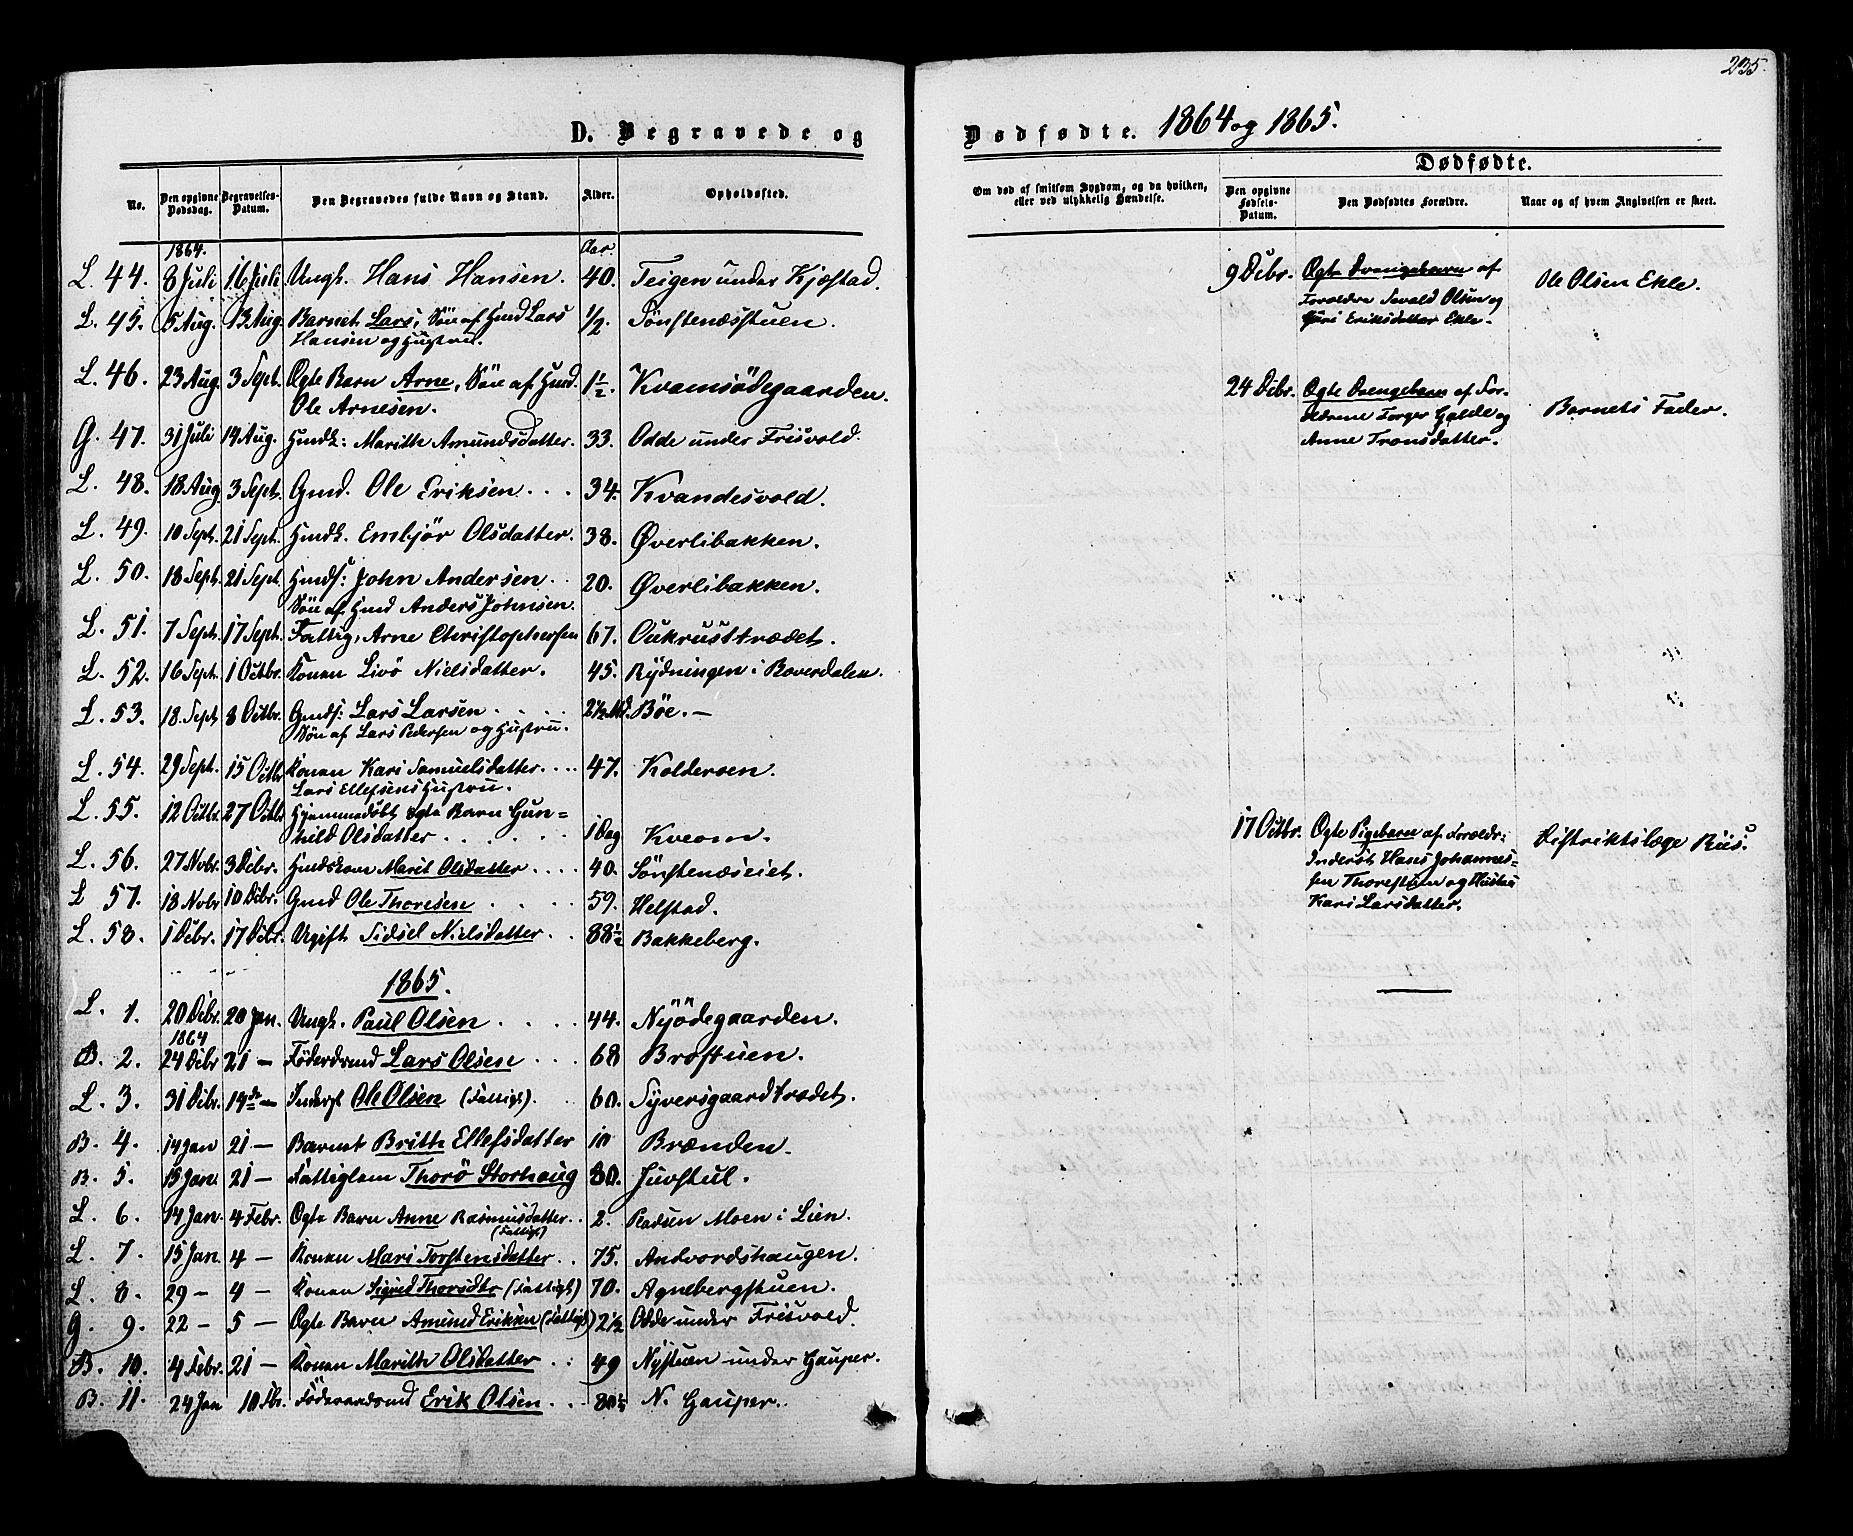 SAH, Lom prestekontor, K/L0007: Ministerialbok nr. 7, 1863-1884, s. 235